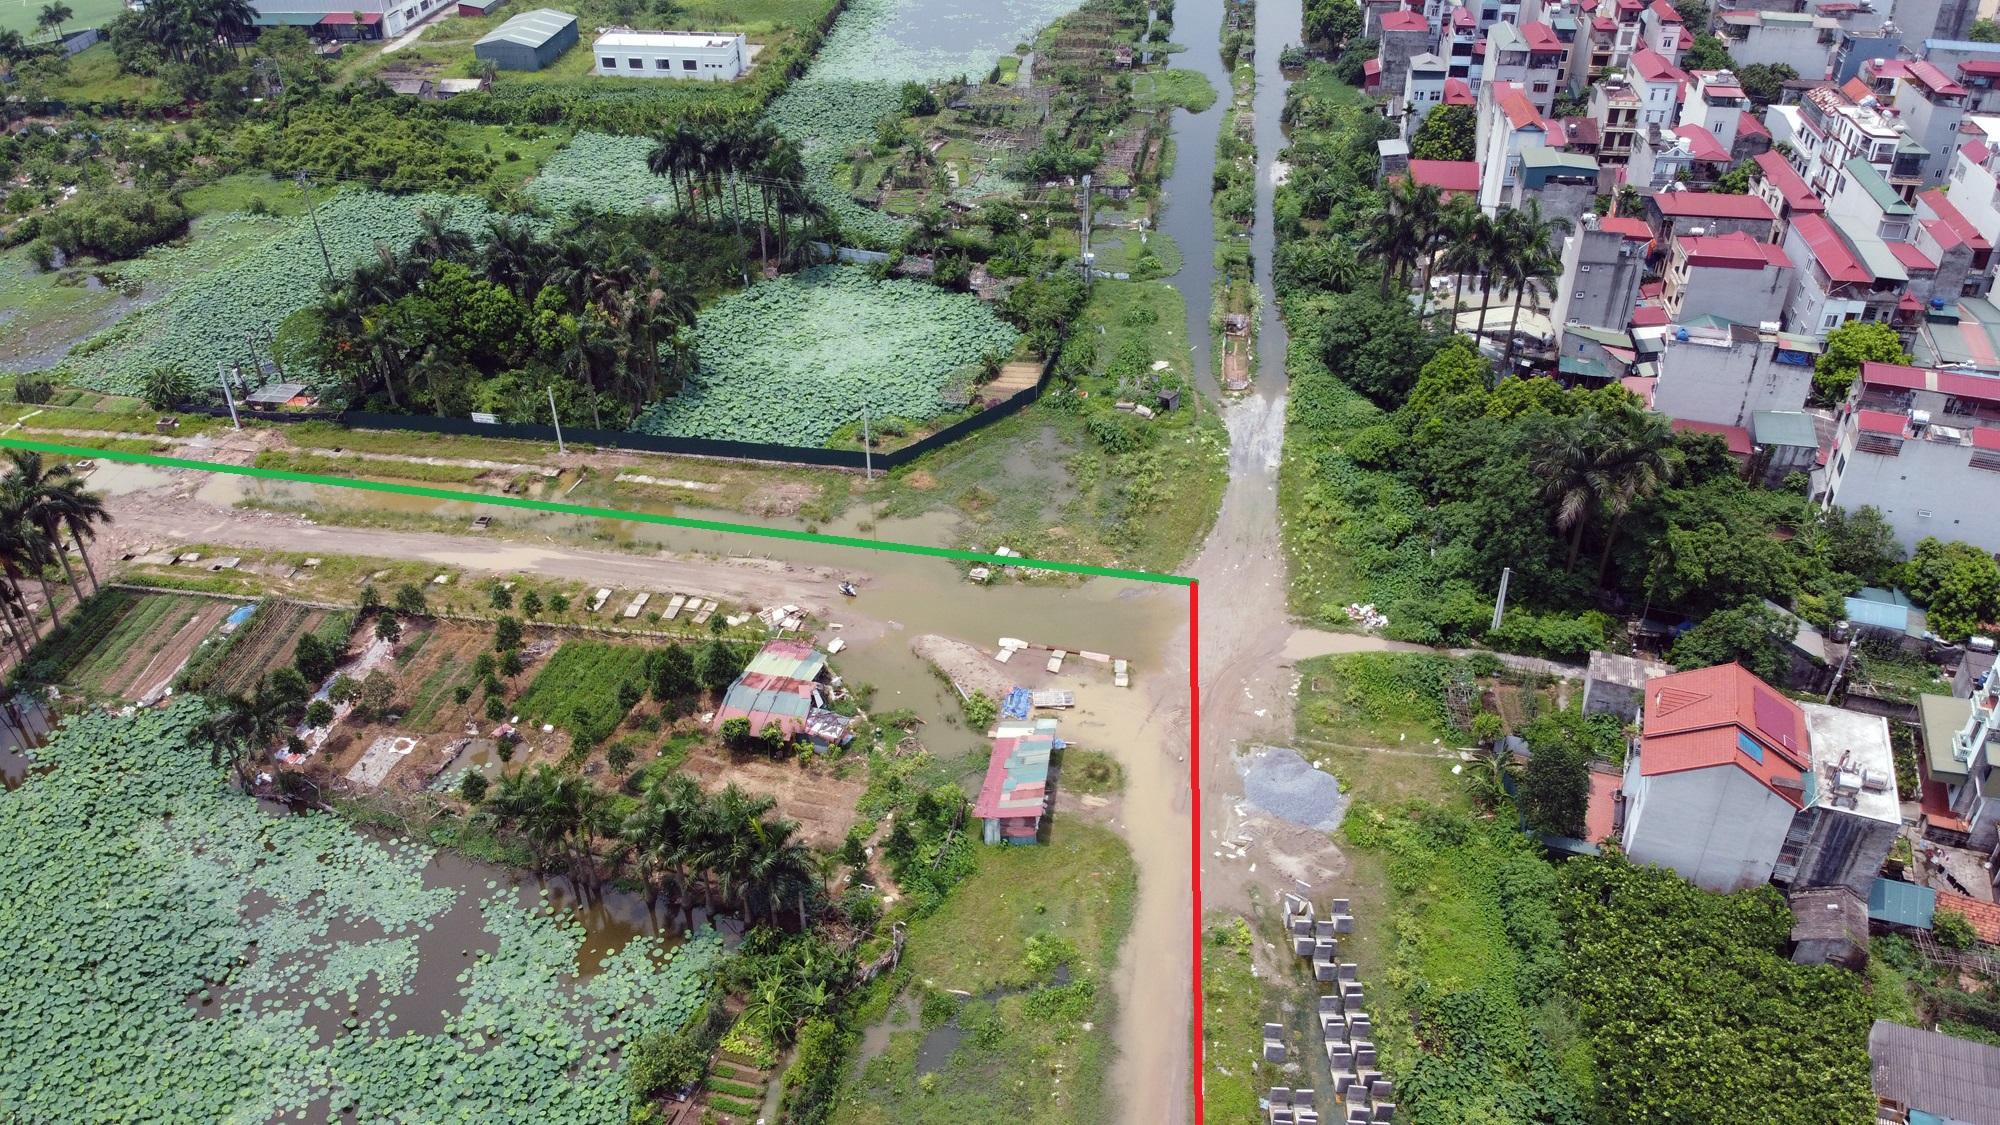 3 đường sẽ mở theo qui hoạch ở phường Thụy Phương, Bắc Từ Liêm - Ảnh 11.